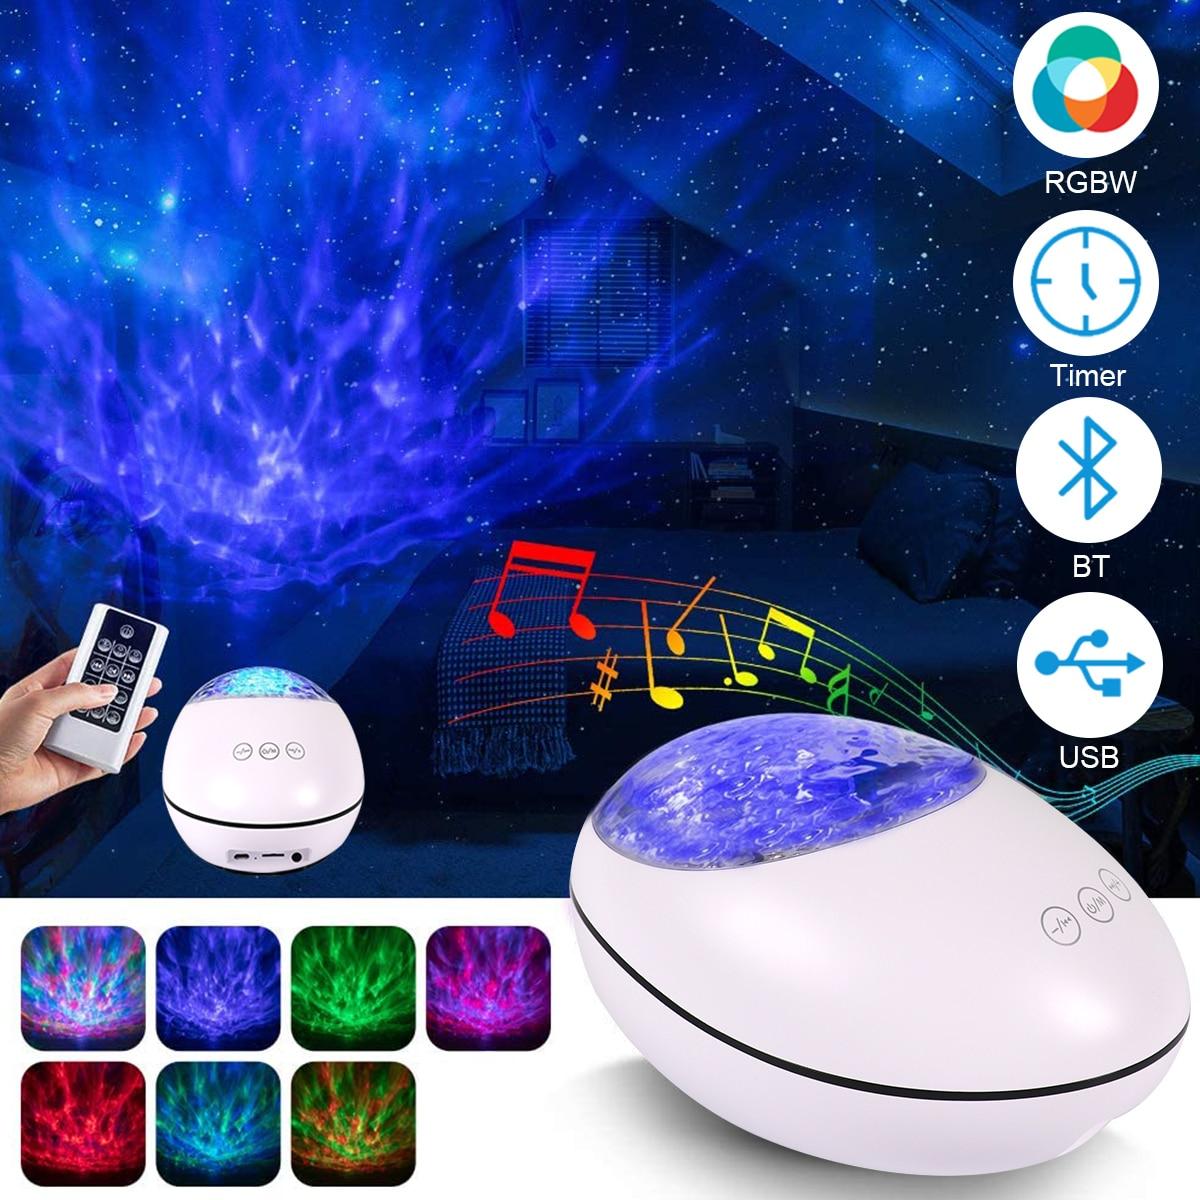 JOYAPLE الملونة السماء المرصعة بالنجوم العارض LED ليلة ضوء الطفل USB مشغل موسيقى ستار ليلة ضوء رومانسية مصباح إسقاط هدية